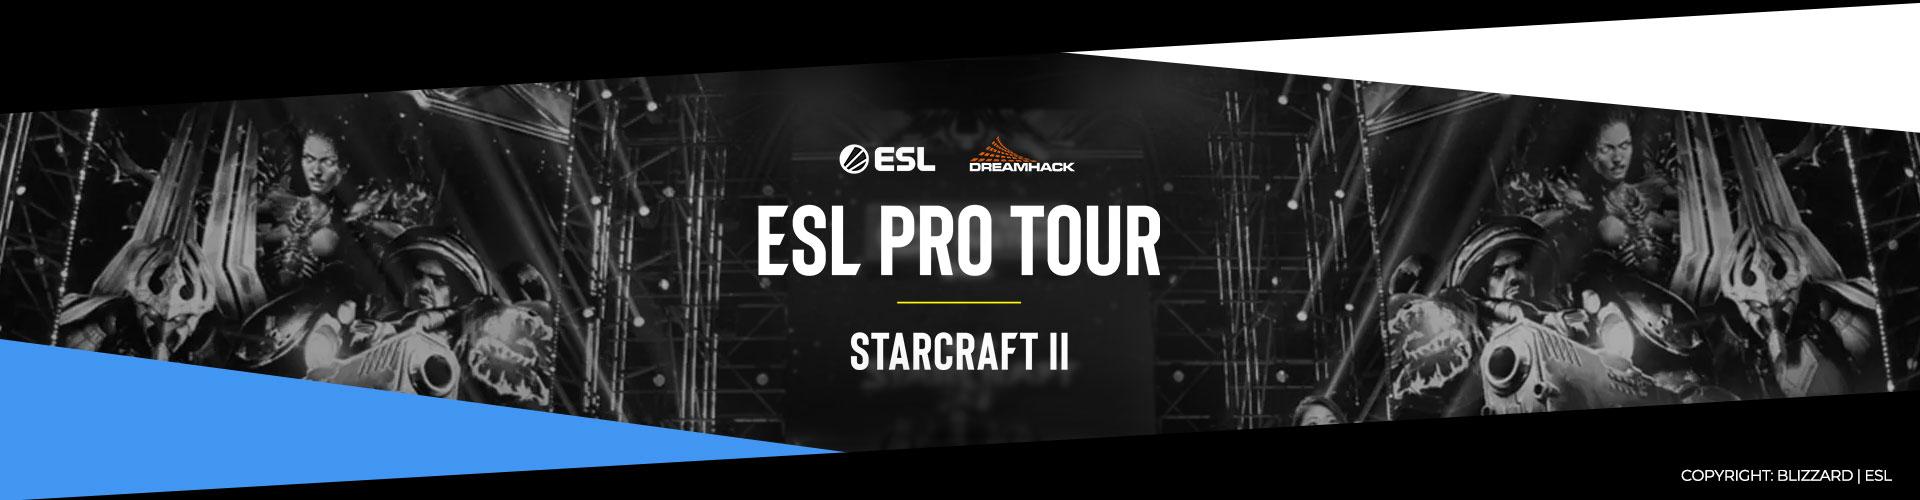 Eventsida för IEM Katowice 2020 för Starcraft 2.